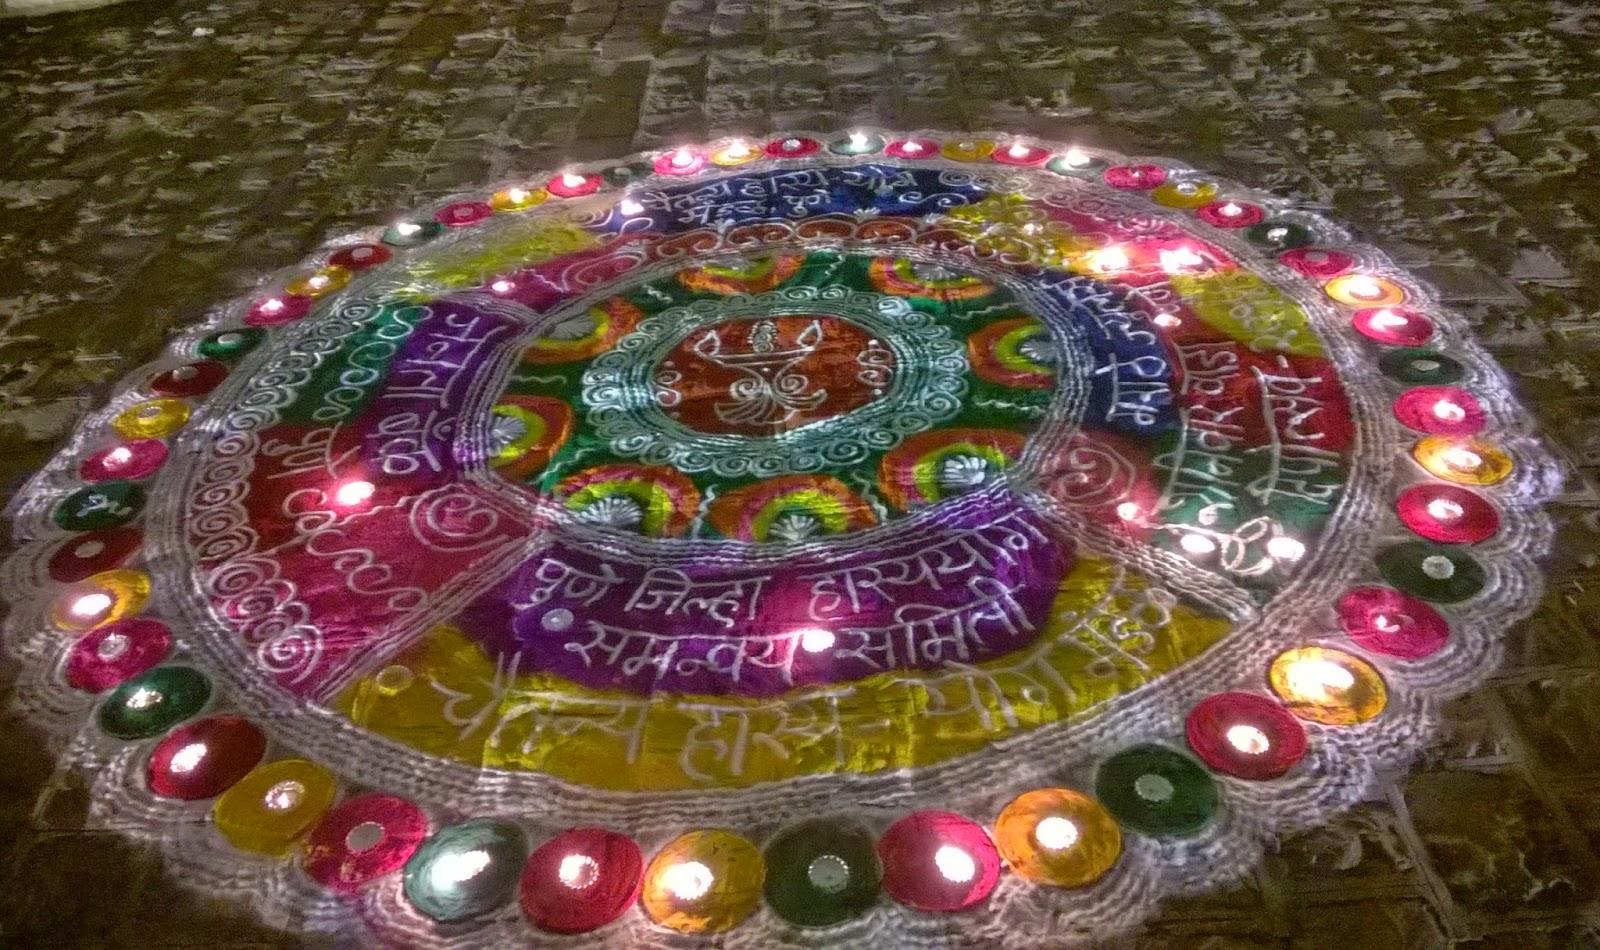 Divali, Diwali, Deepawali